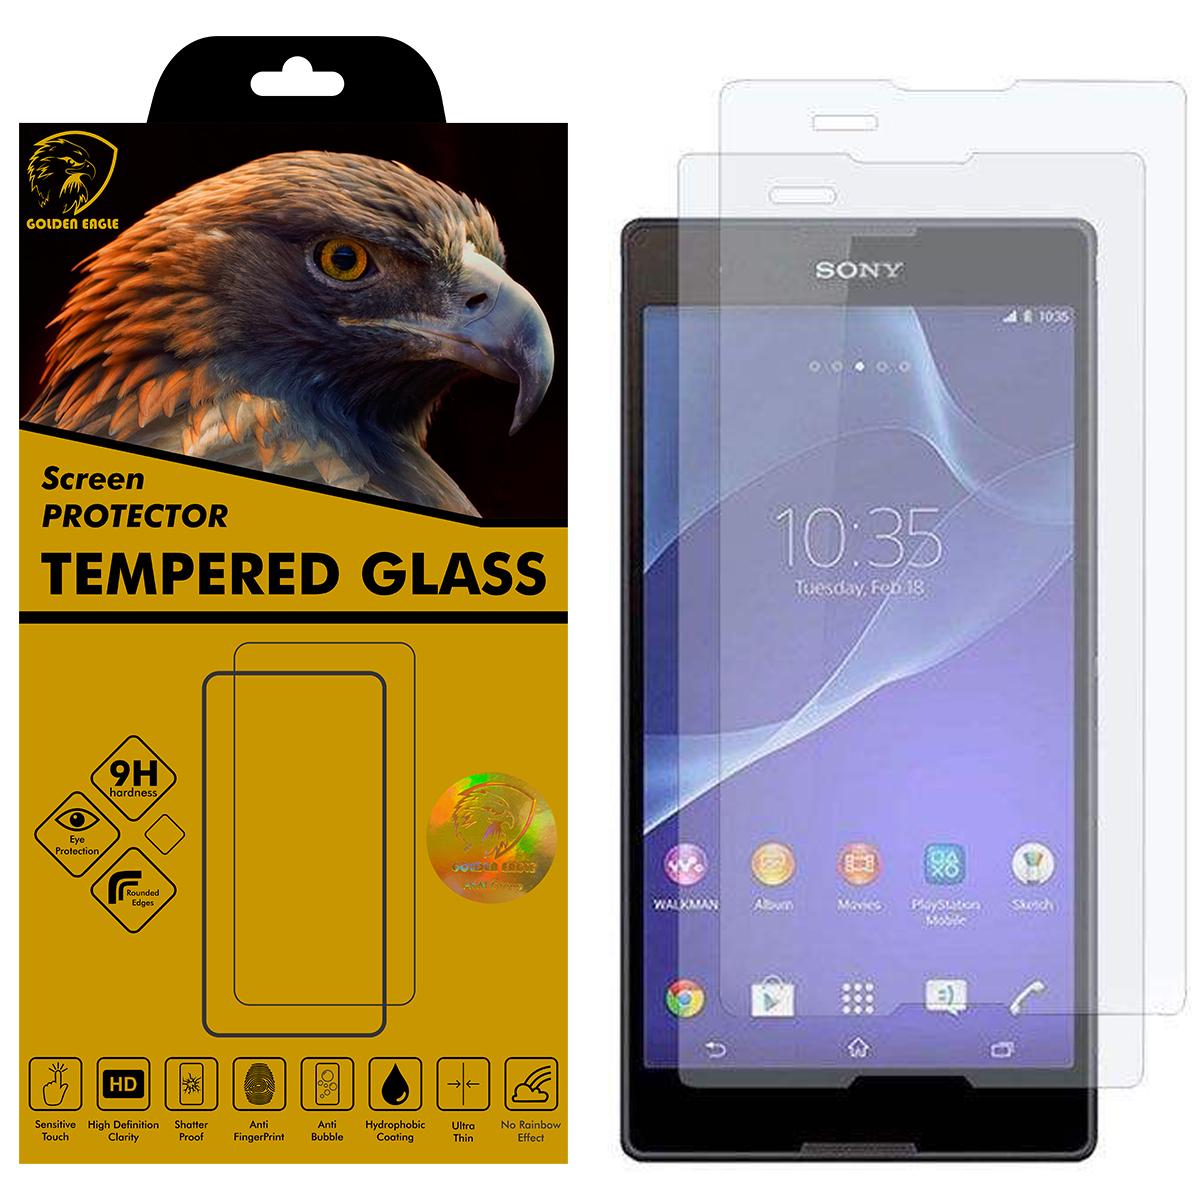 محافظ صفحه نمایش گلدن ایگل مدل GLC-X2 مناسب برای گوشی موبایل سونی Xperia T2 Ultra بسته دو عددی